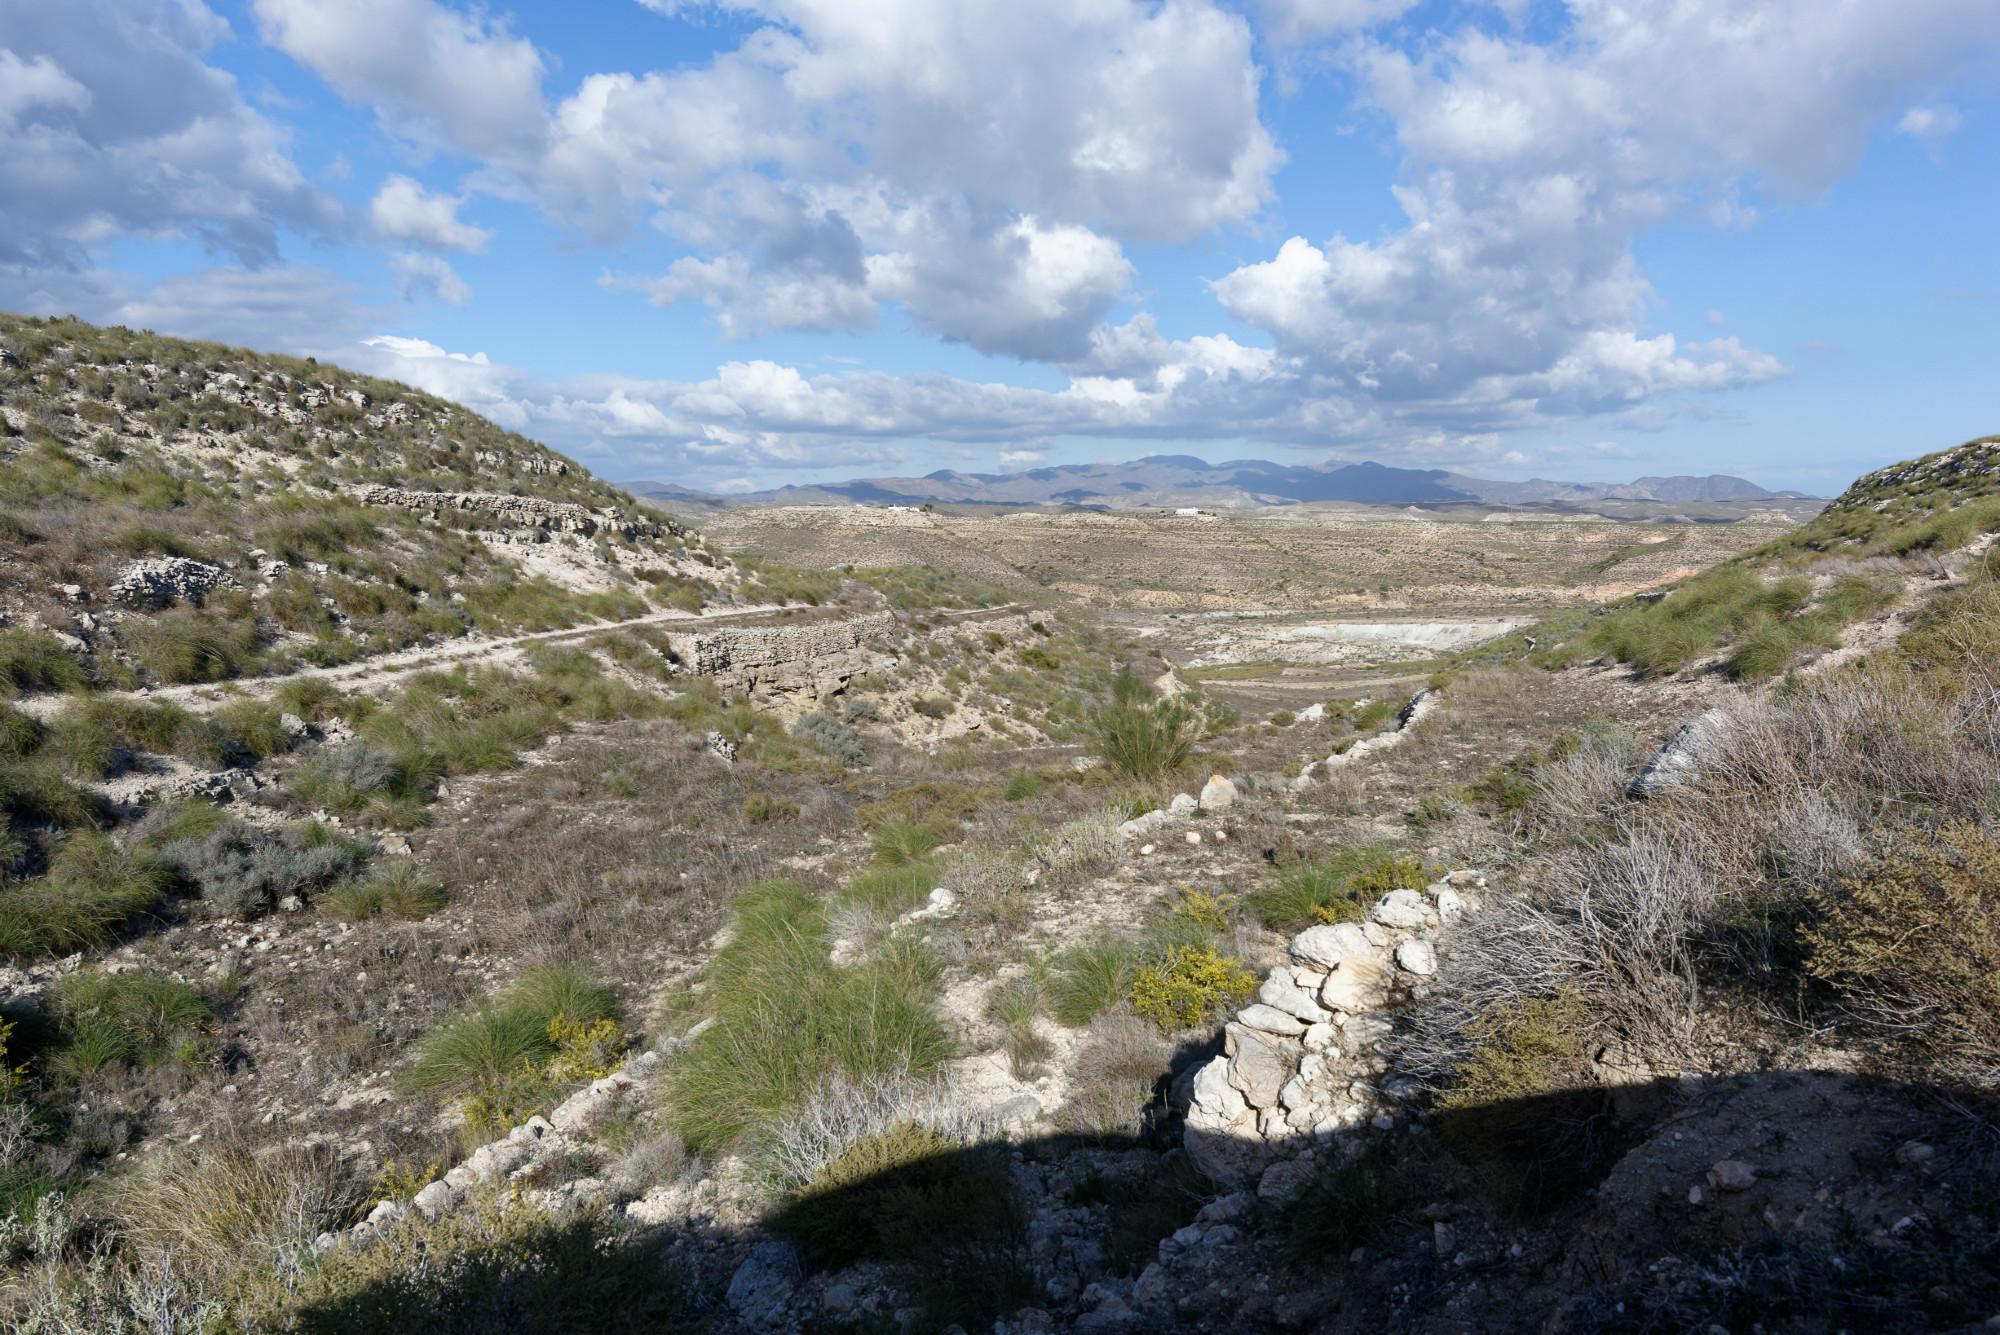 171219-Cala de Enmedio pistes autour (Cabo de Gata-Andalousie) (14)